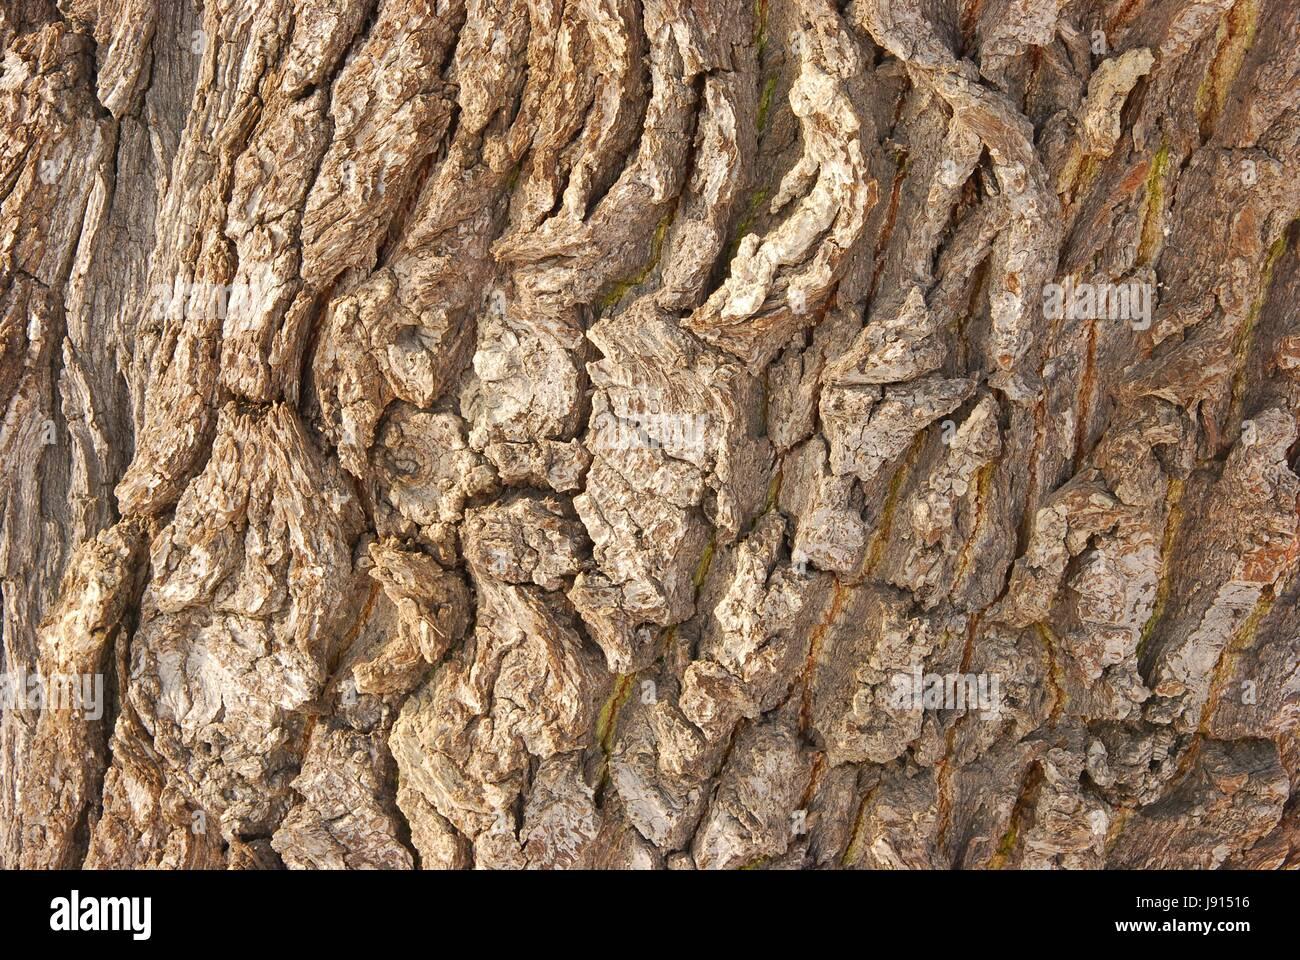 Holzstamm holzstamm birke deko durchmesser ca cm ca cm hoch with holzstamm gallery of lampen - Baumstamm deko saule ...